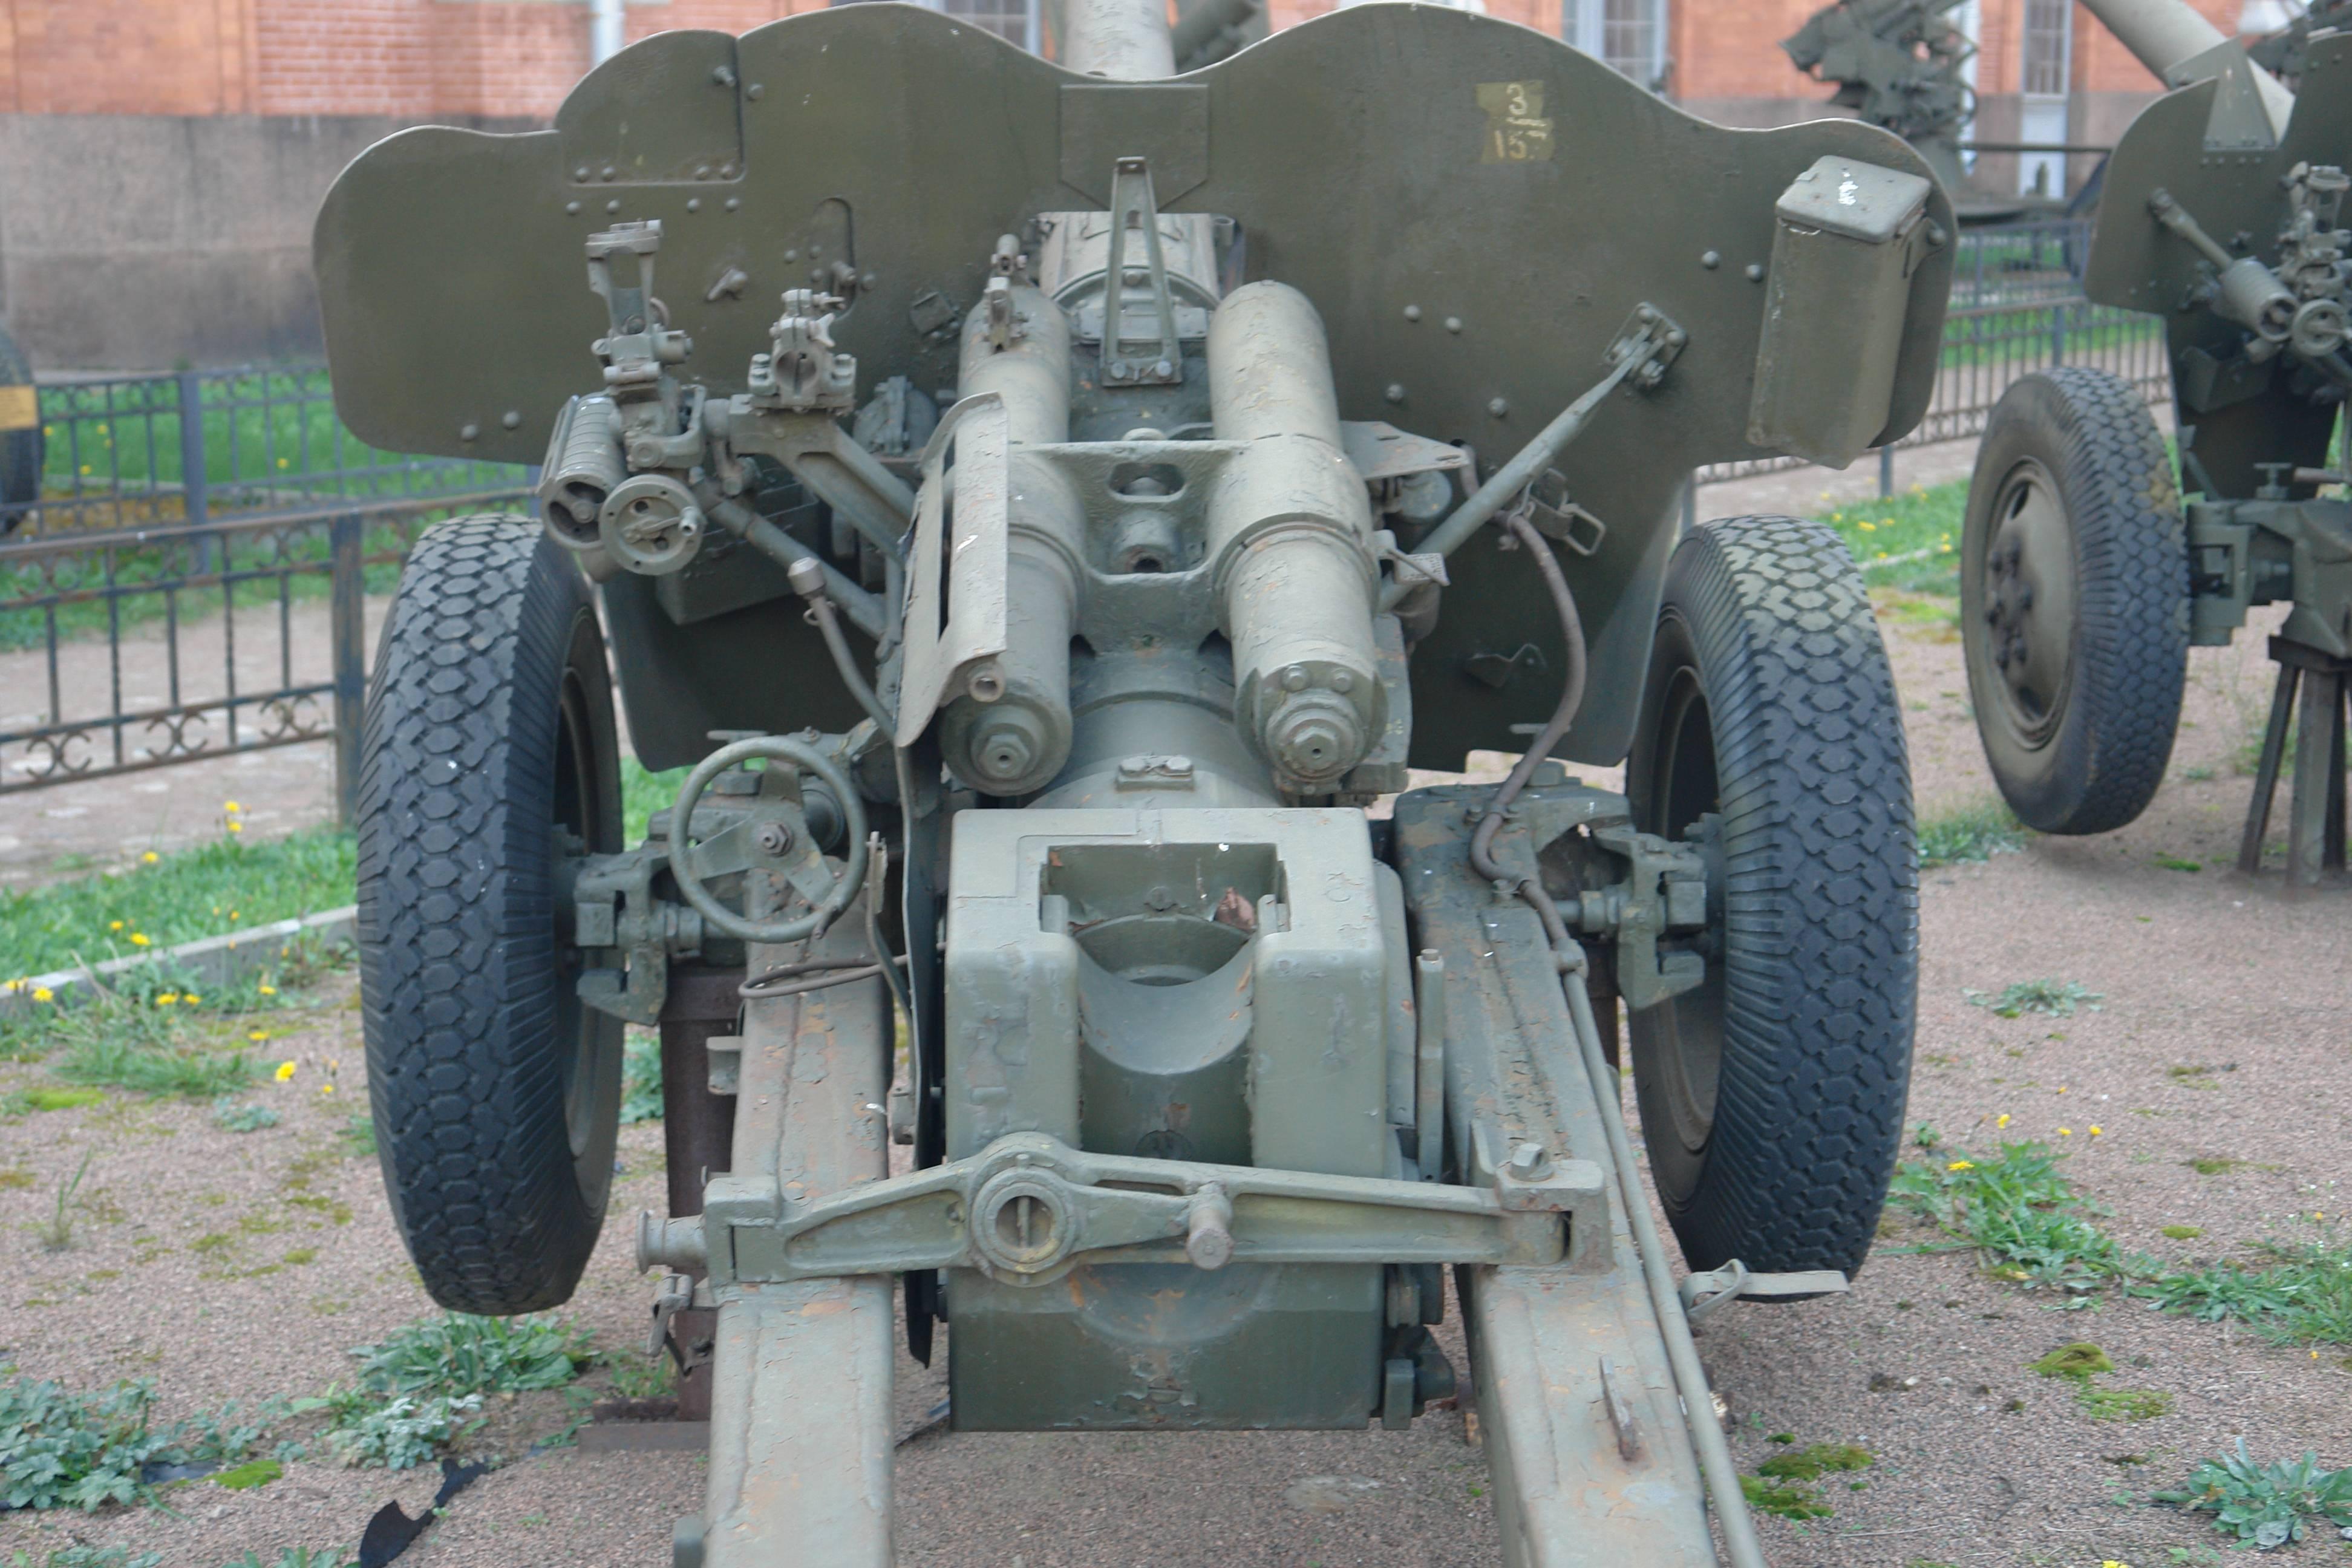 85-мм противотанковая пушка д-48 — википедия. что такое 85-мм противотанковая пушка д-48